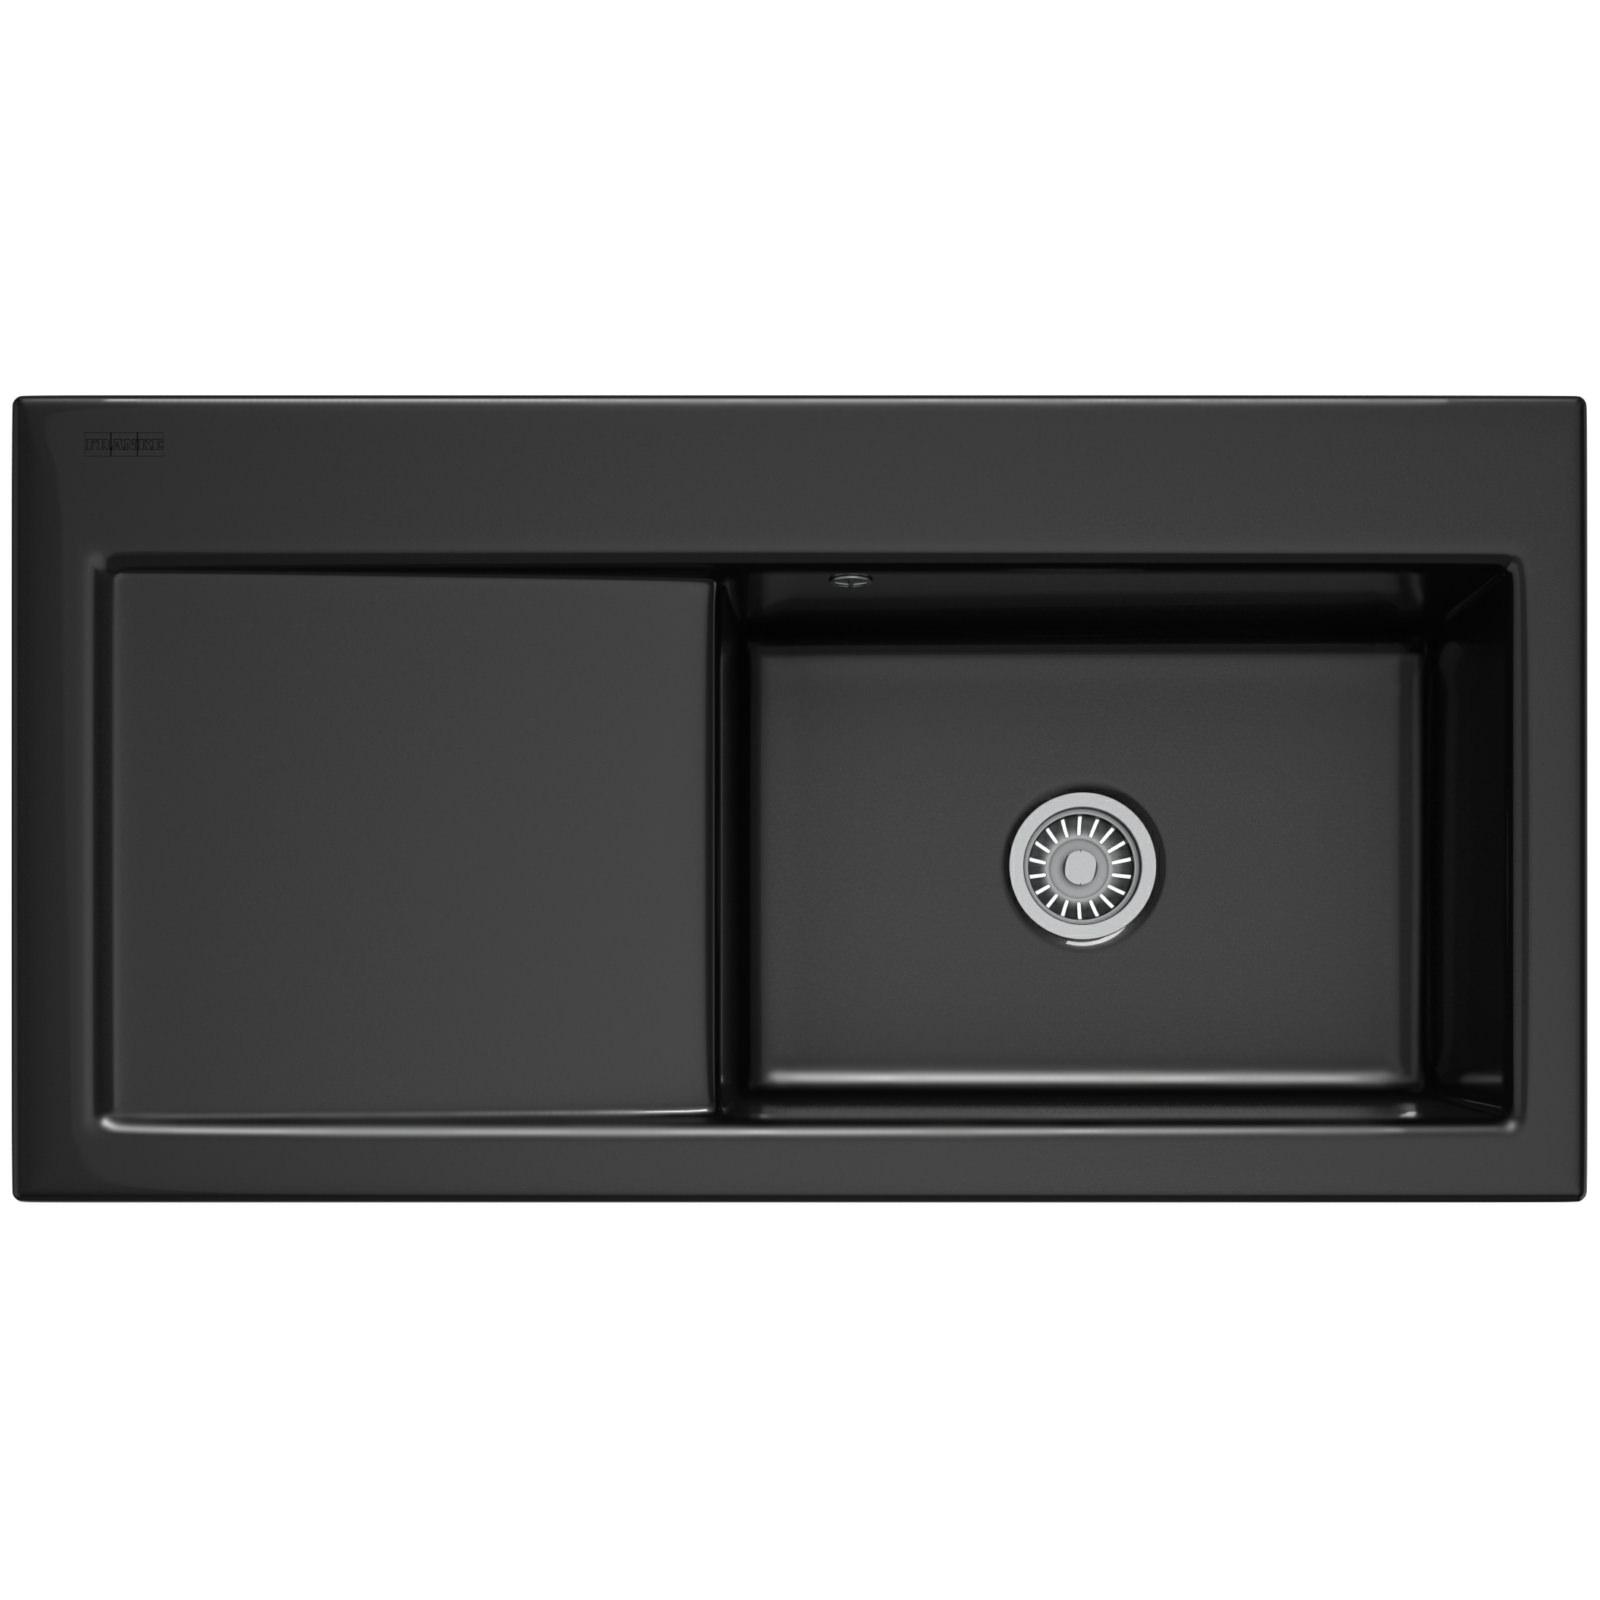 ... sink franke mythos mtk 611 ceramic black 1 0 bowl kitchen inset sink